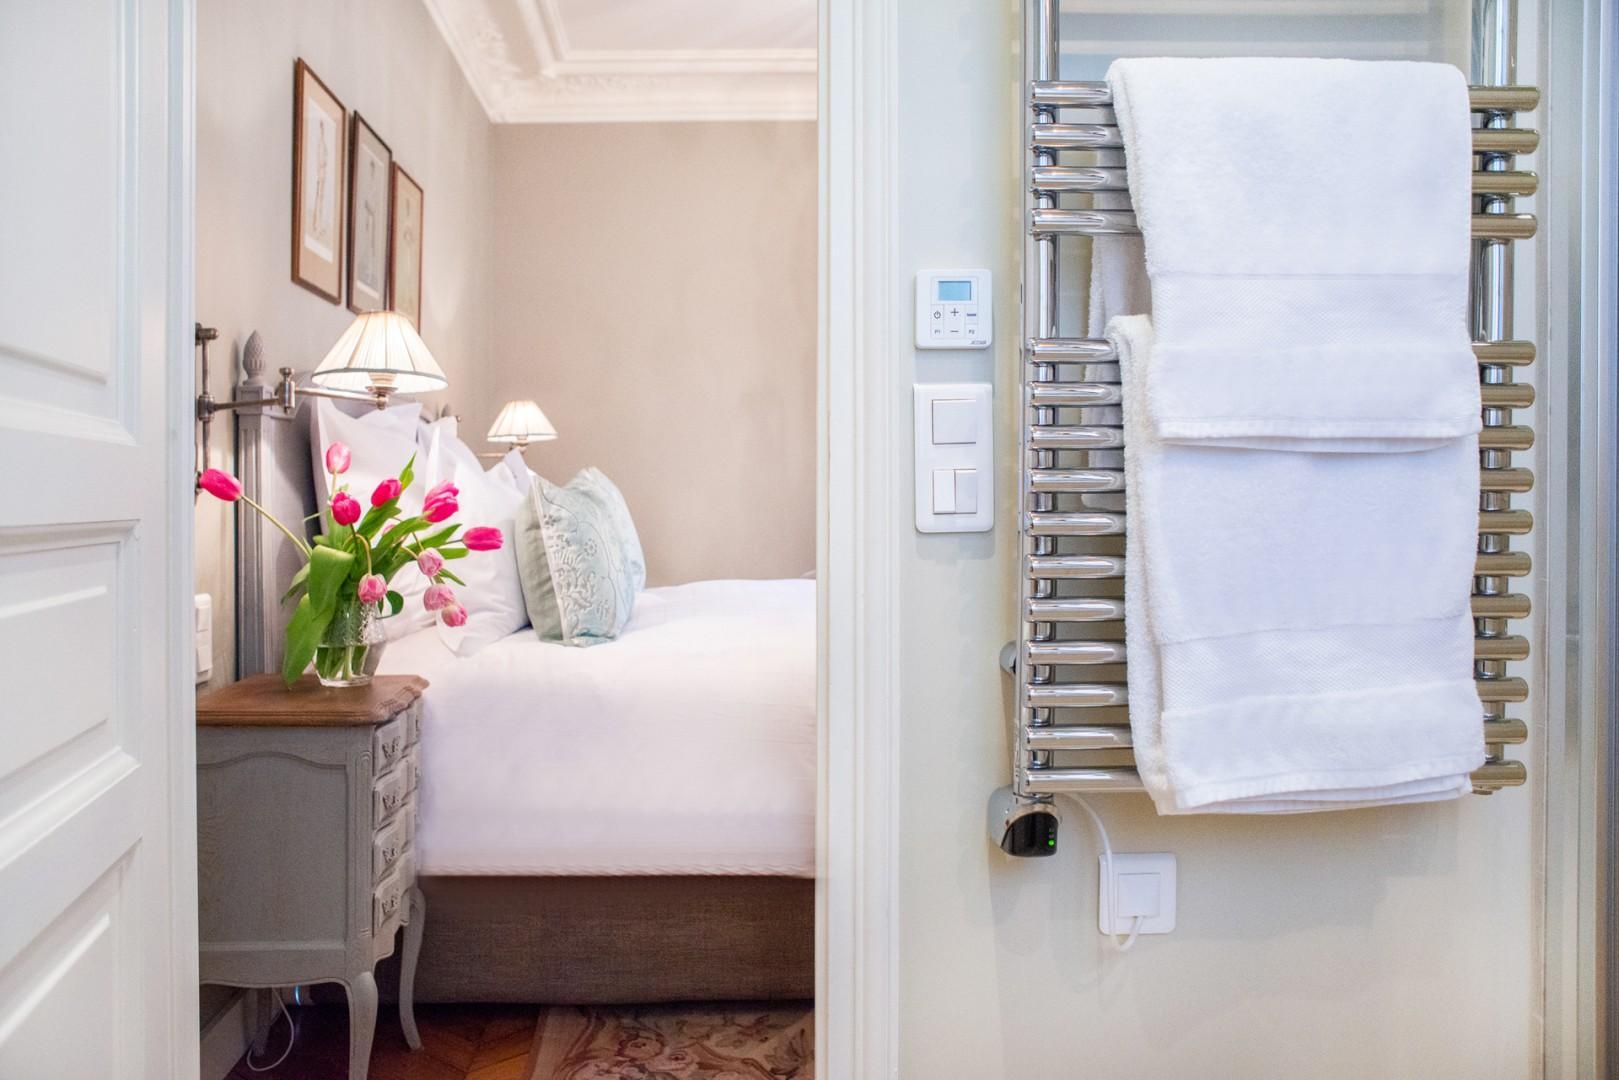 Bedroom 1 comes with a private, en suite bathroom.